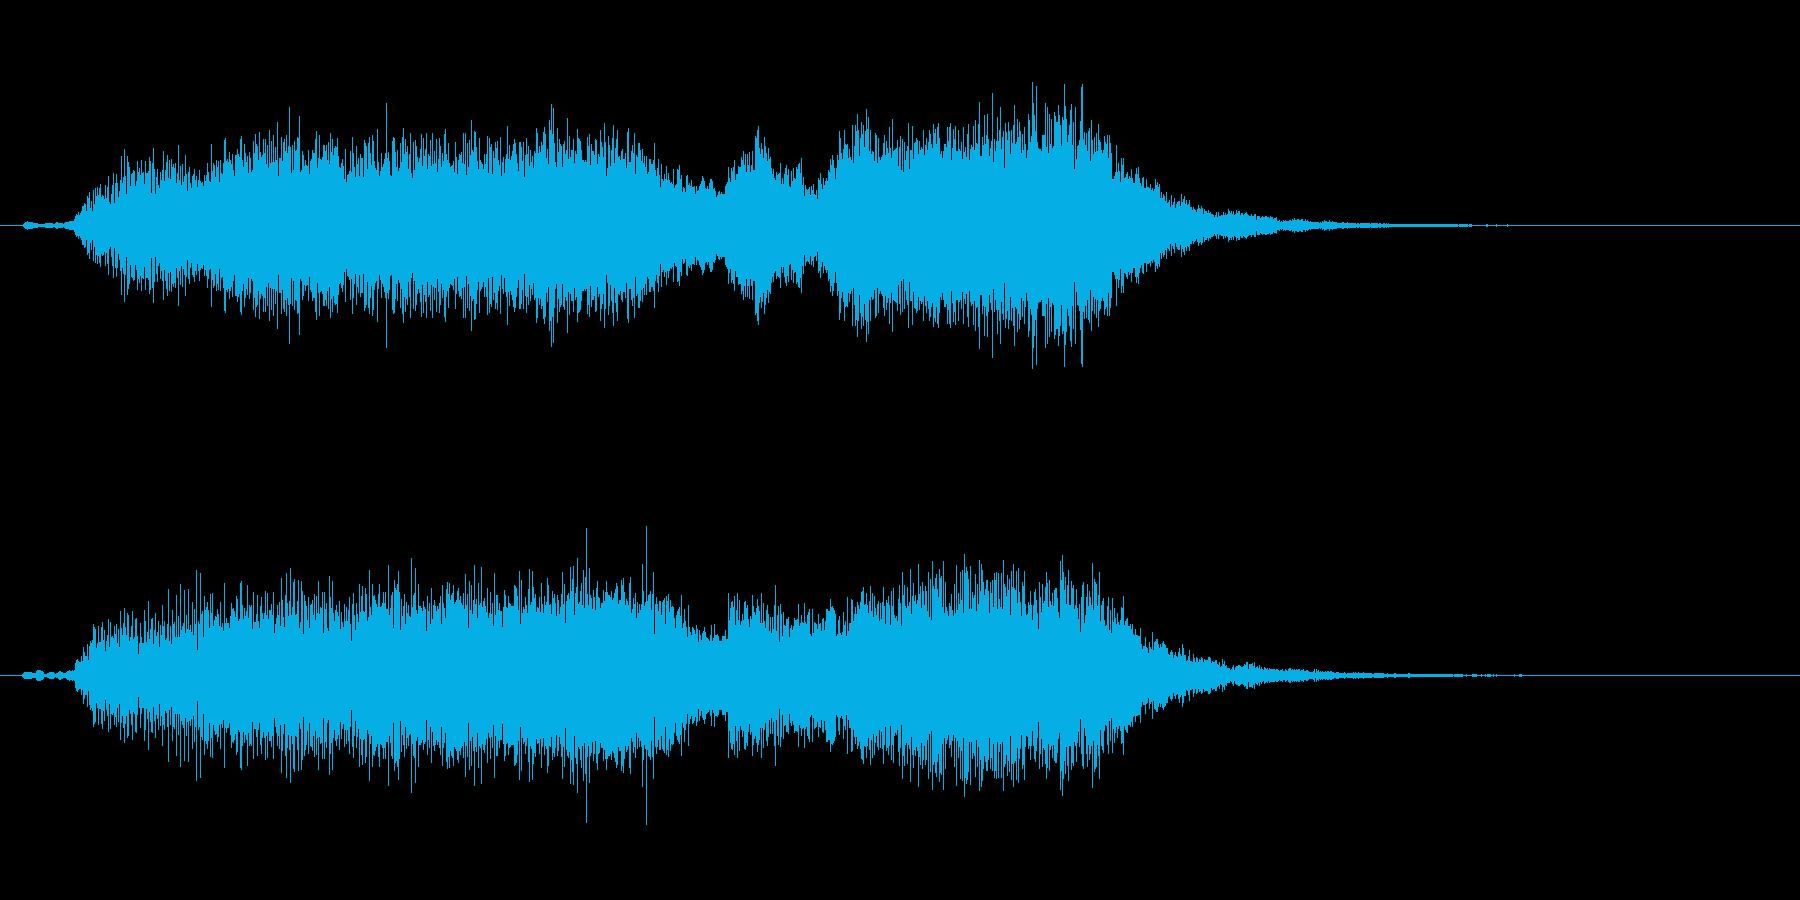 レアガチャオーケストラジングルの再生済みの波形